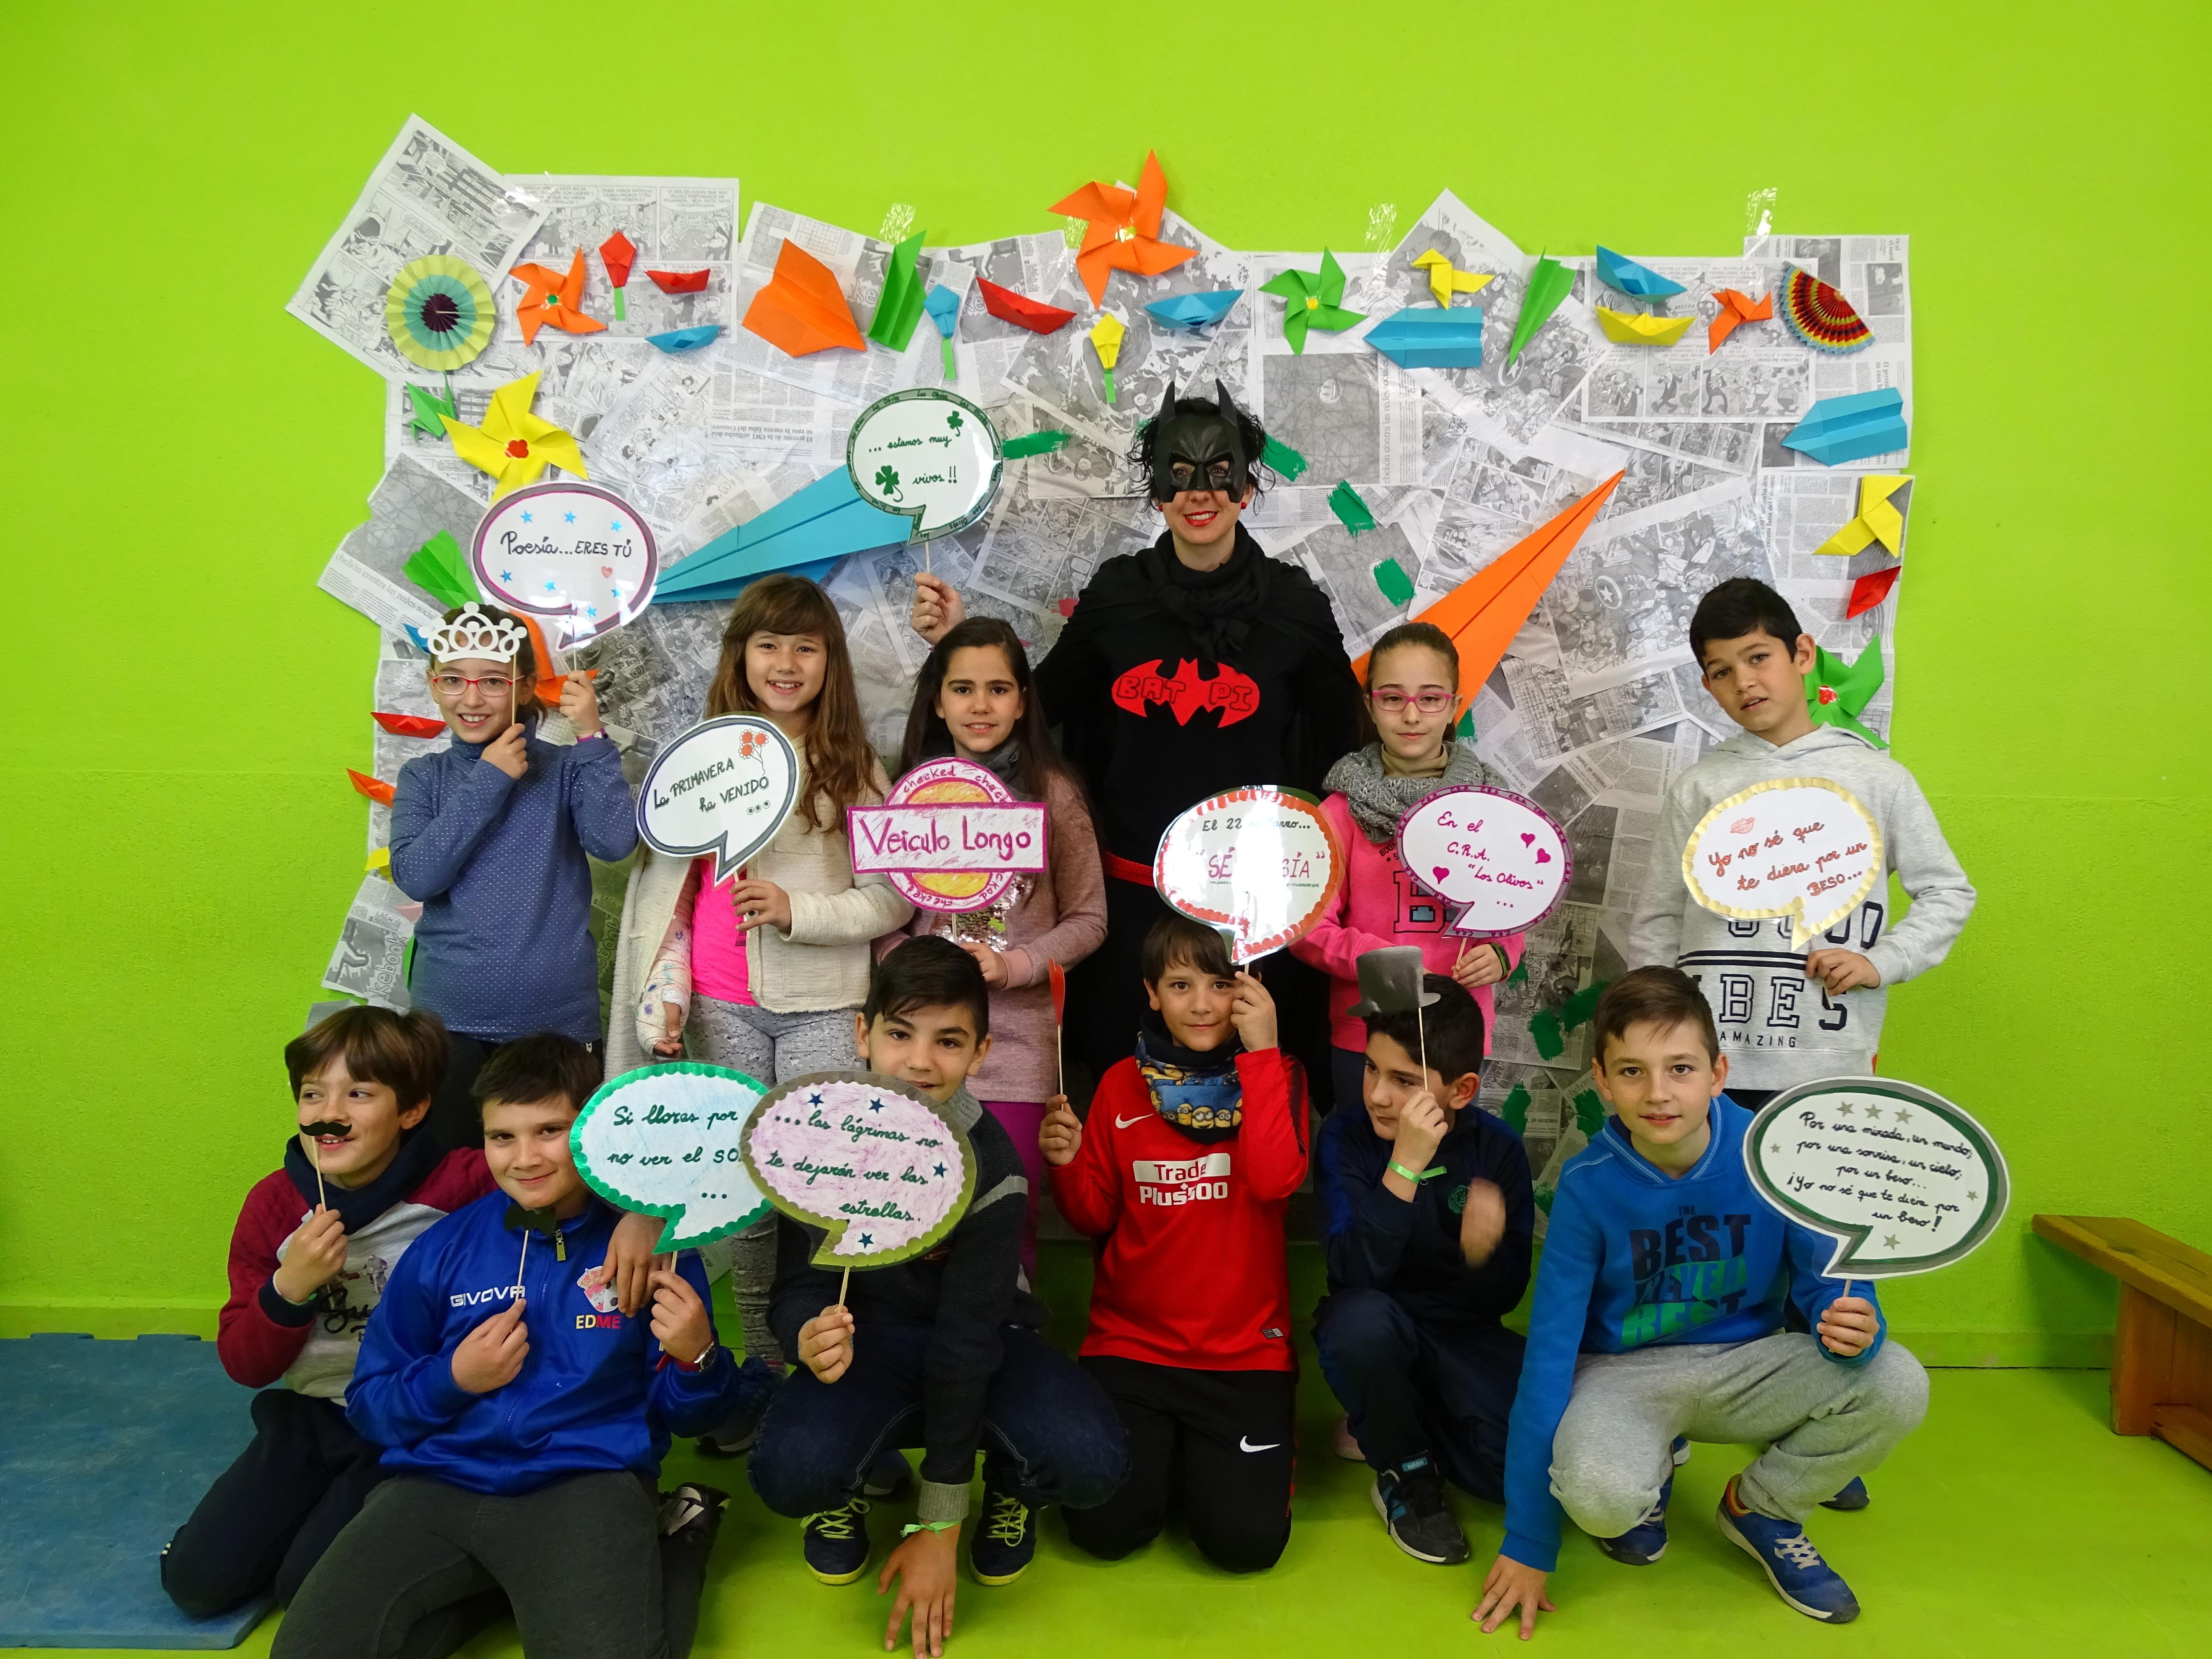 Día de la Poesía en Valdaracete 2018 (3) 11